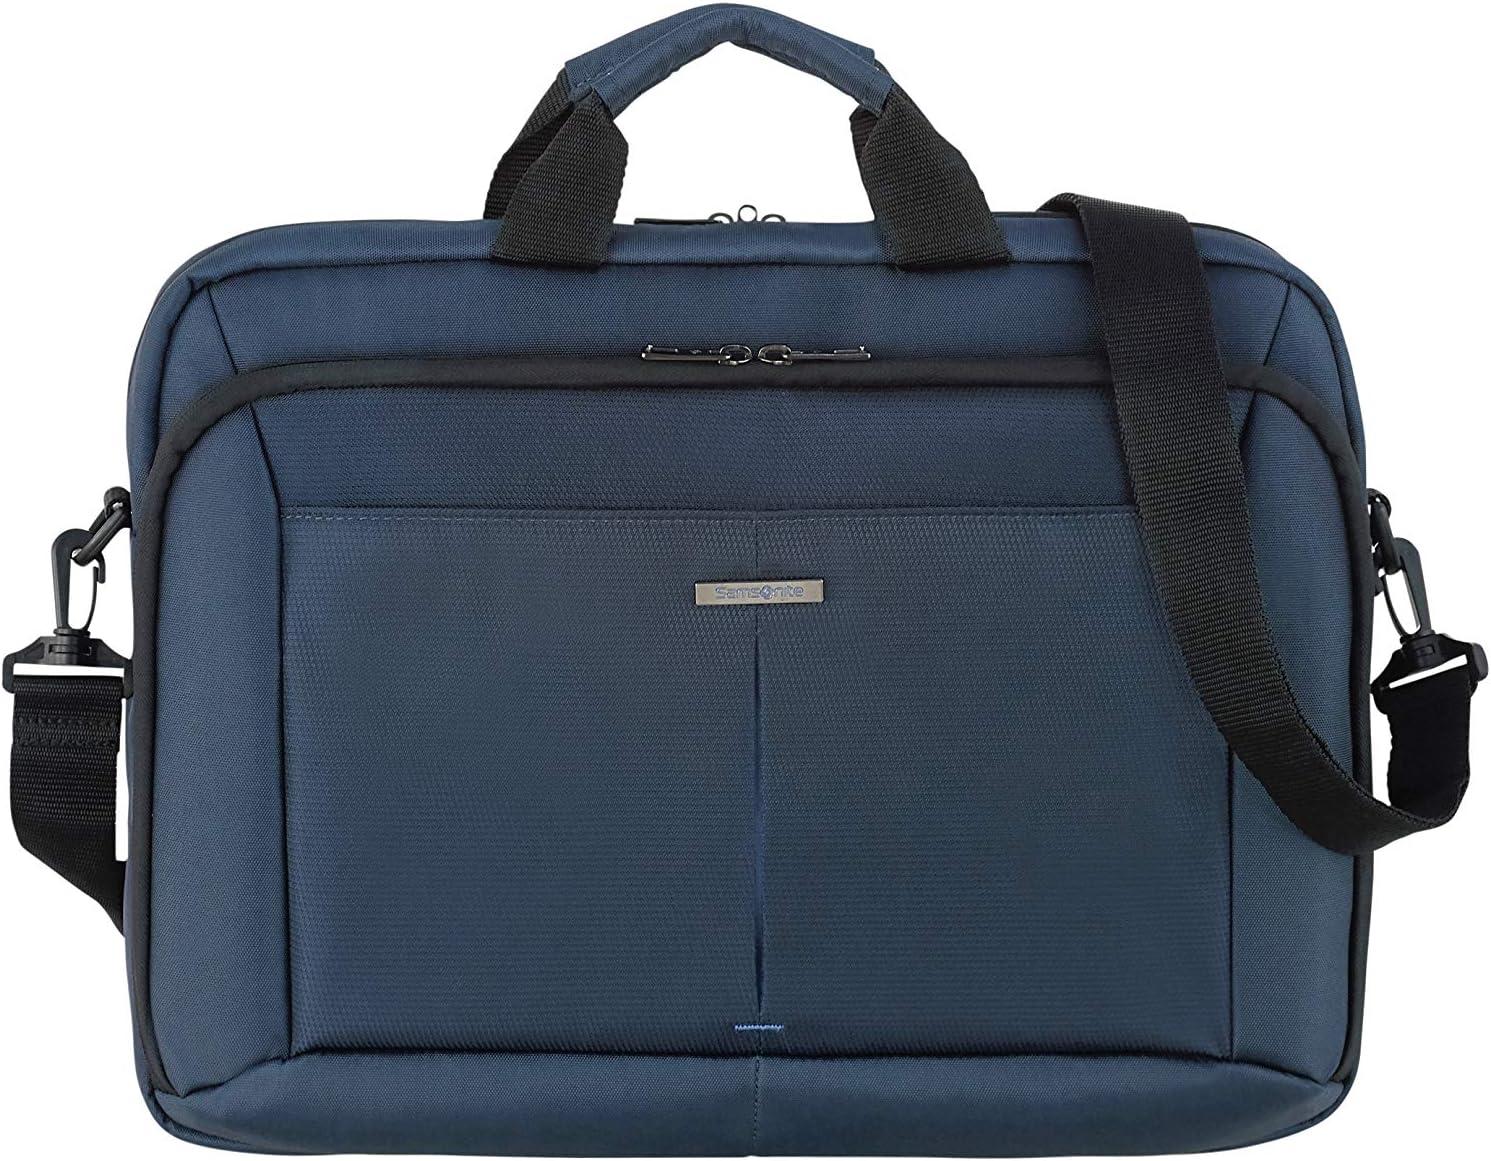 Funda Malet/ín Azul 17.3 Samsonite 125046816 maletines para port/átil 43,9 cm , 650 g, Azul 17.3 Malet/ín, 43,9 cm